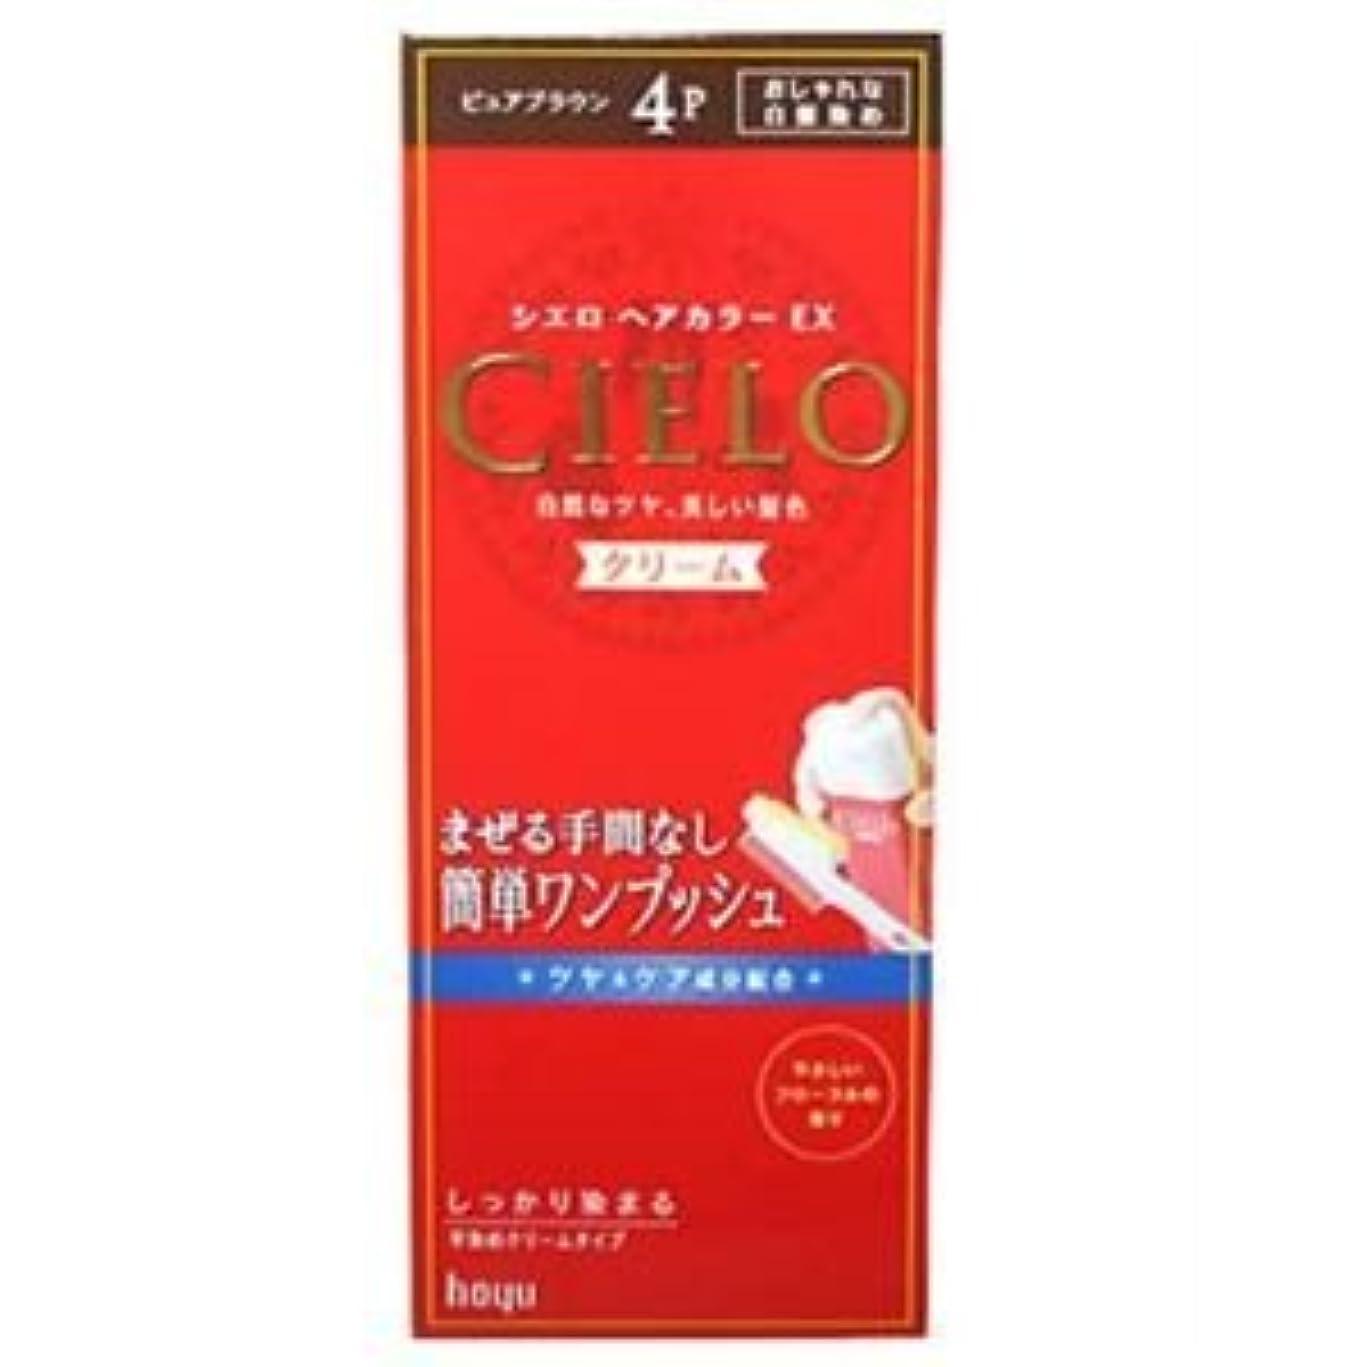 商品角度物理的にシエロ ヘアカラーEX クリーム4P (ピュアブラウン) 7セット